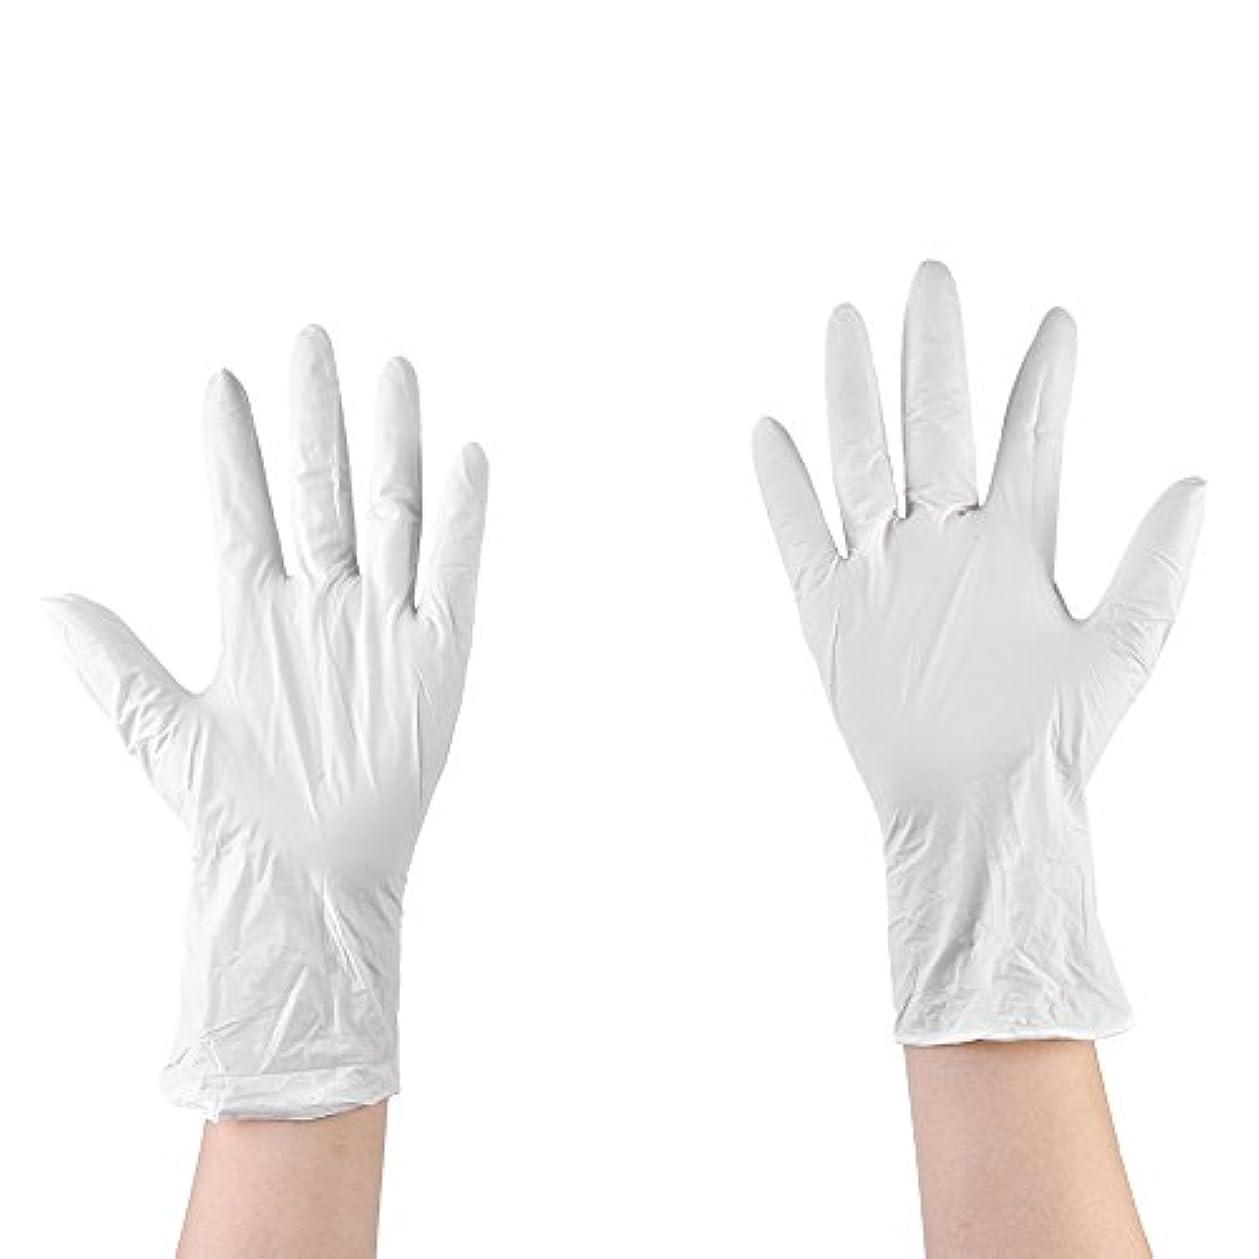 アーカイブアブセイ飛行場使い捨て手袋 ニトリルグローブ ホワイト 粉なし タトゥー/歯科/病院/研究室に適応 M/L選択可 50枚 左右兼用 作業手袋(M)